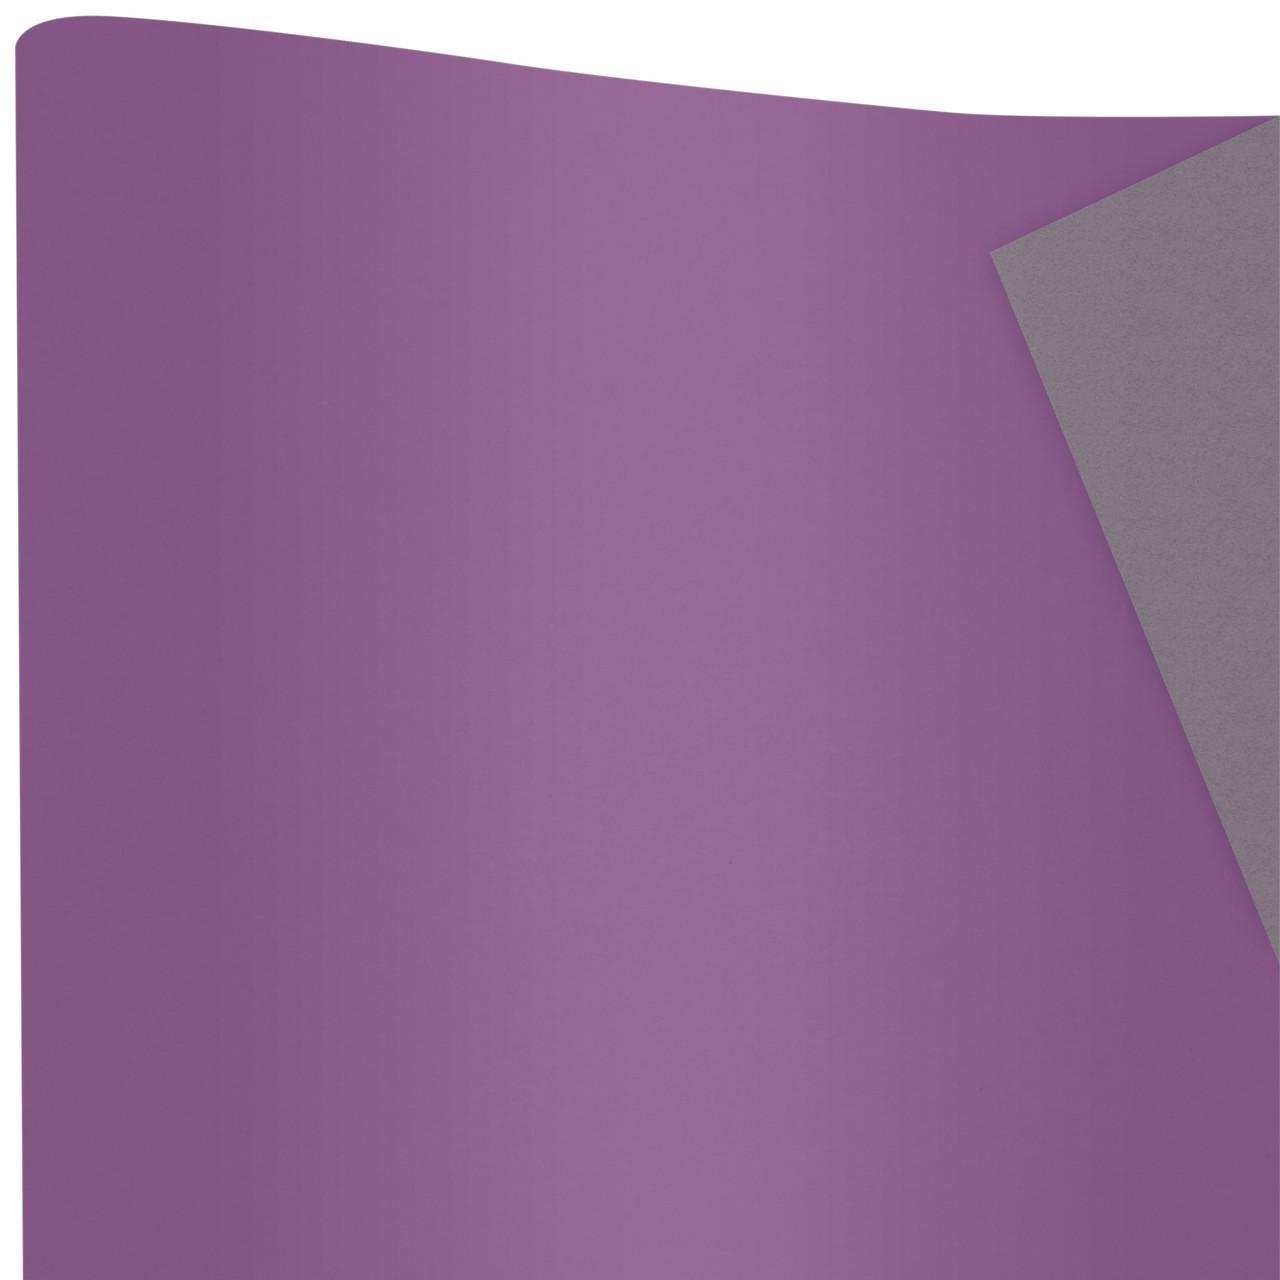 Бумага упаковочная Сплошная фиолетовый и серый 70 см х 10 м